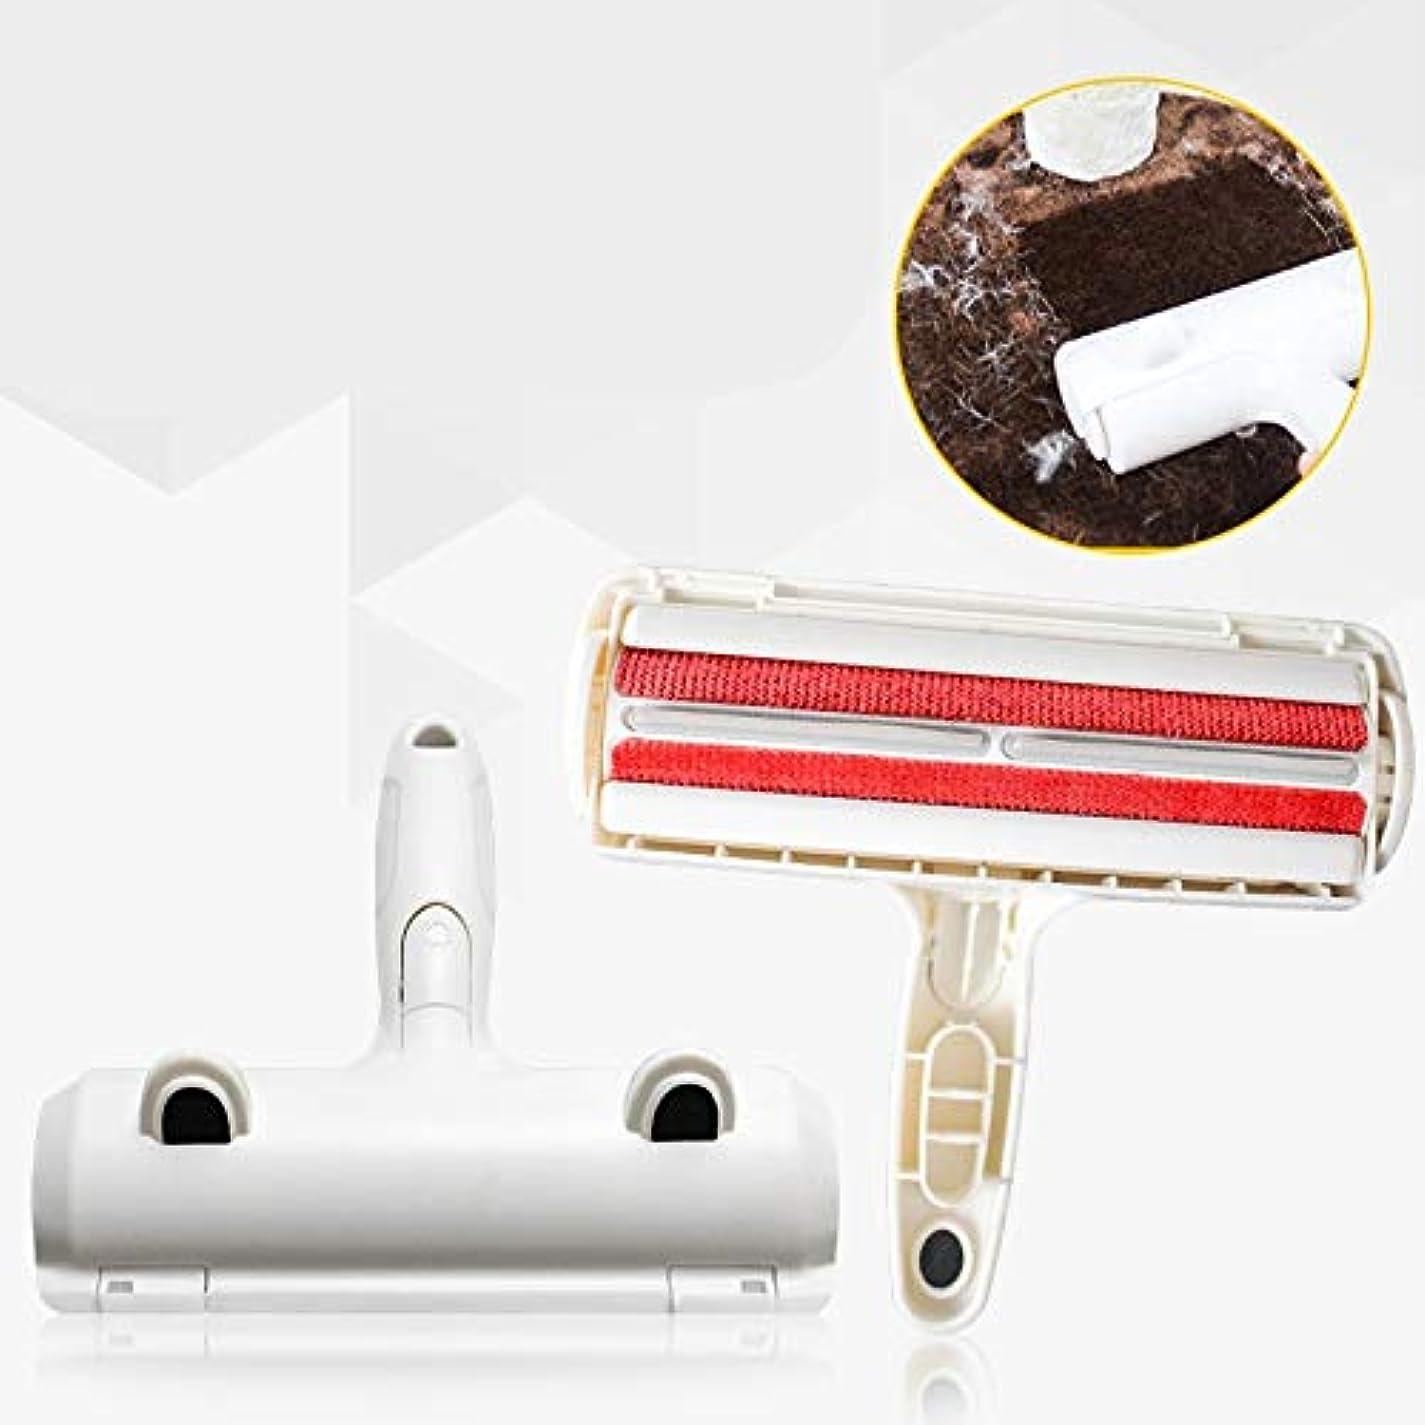 名詞無許可不名誉アップグレードされたバージョンのペット脱毛器-ブラシ再利用可能なクリーナーは、きれいなブラシで家具、カーペット、寝具などから髪を取り除きます (Color : Red)